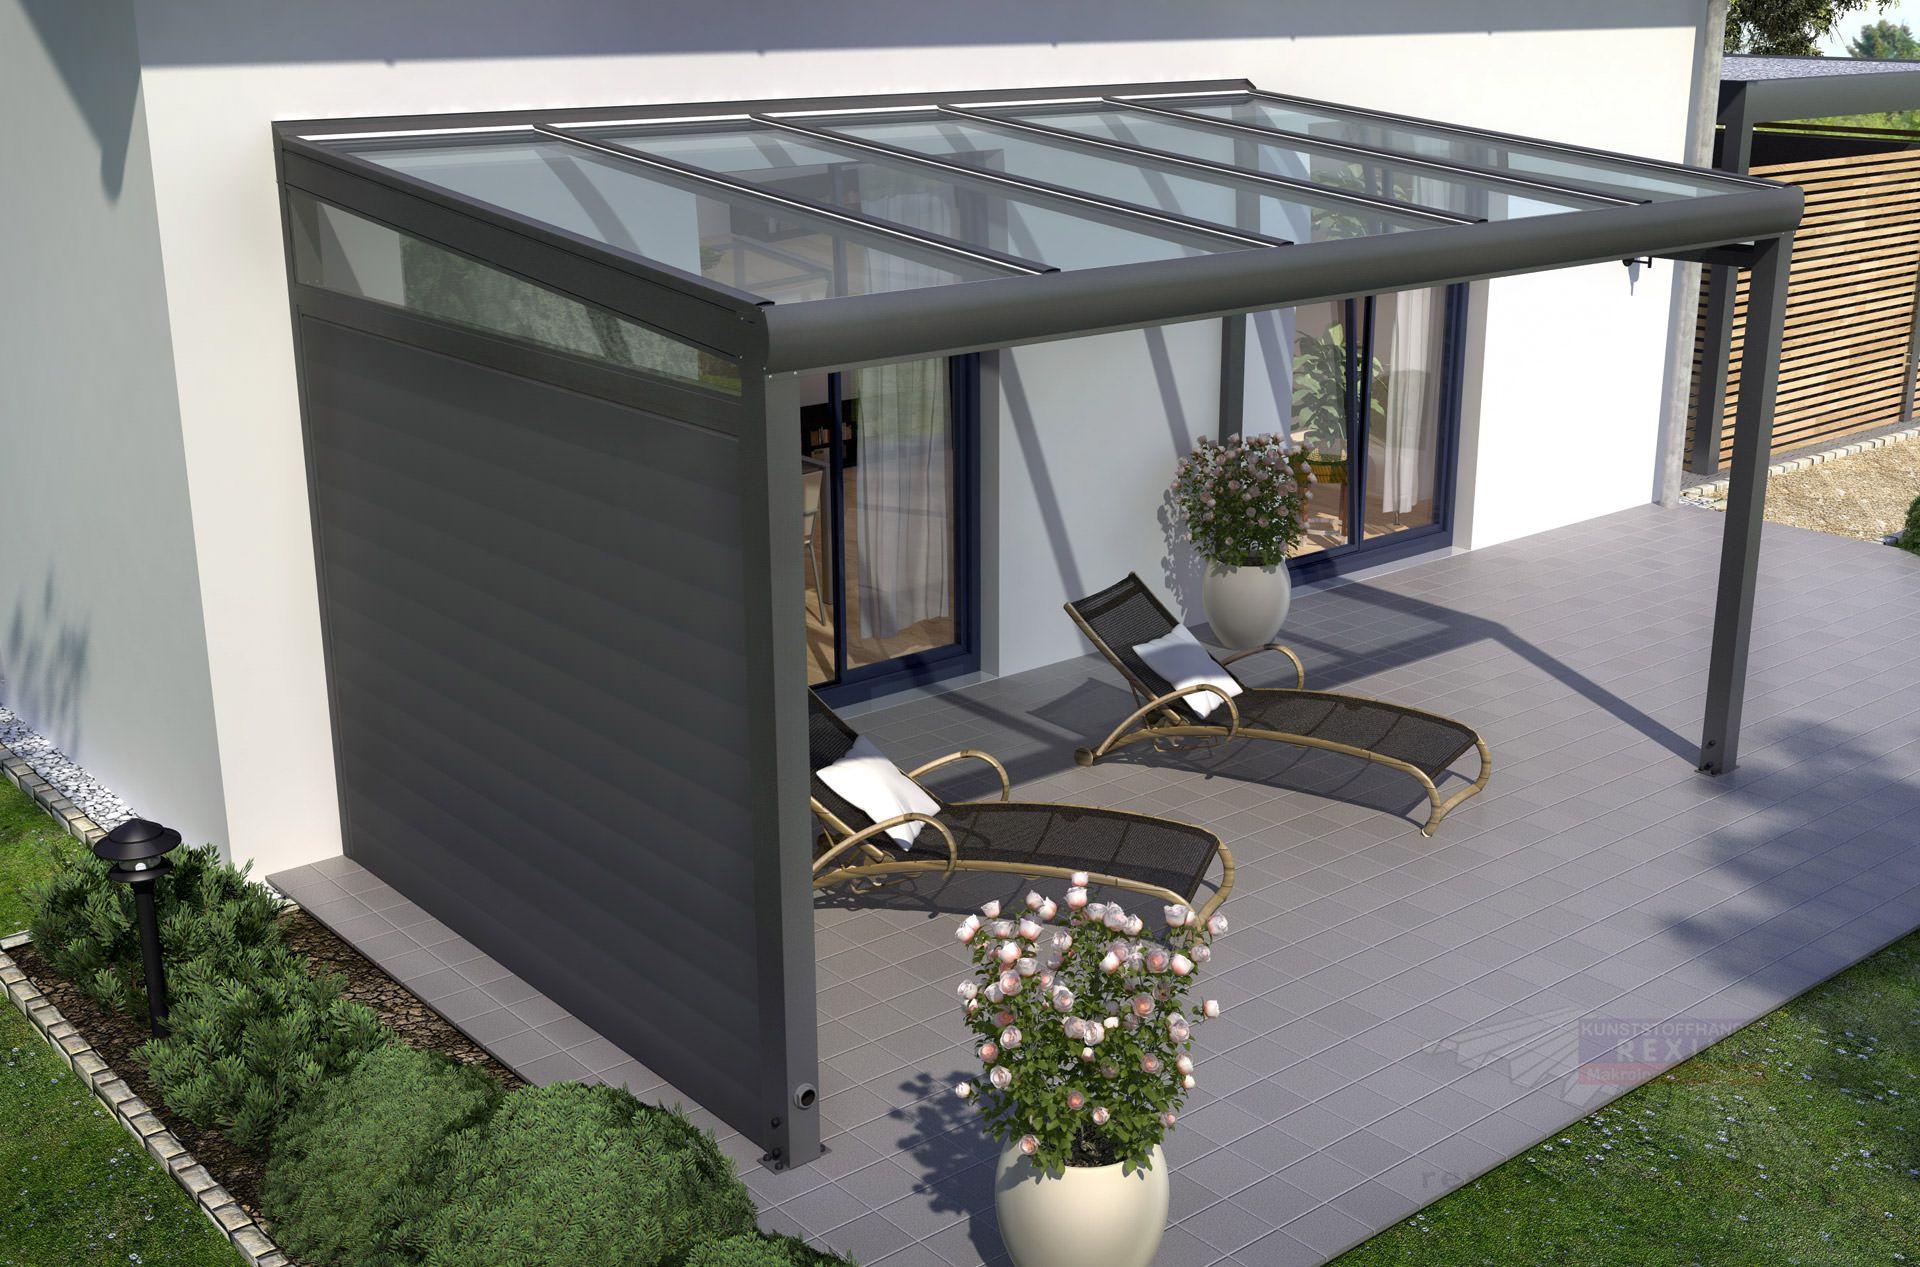 Rexin Shop Terrassen Dach Terrassendach Uberdachung Terrasse